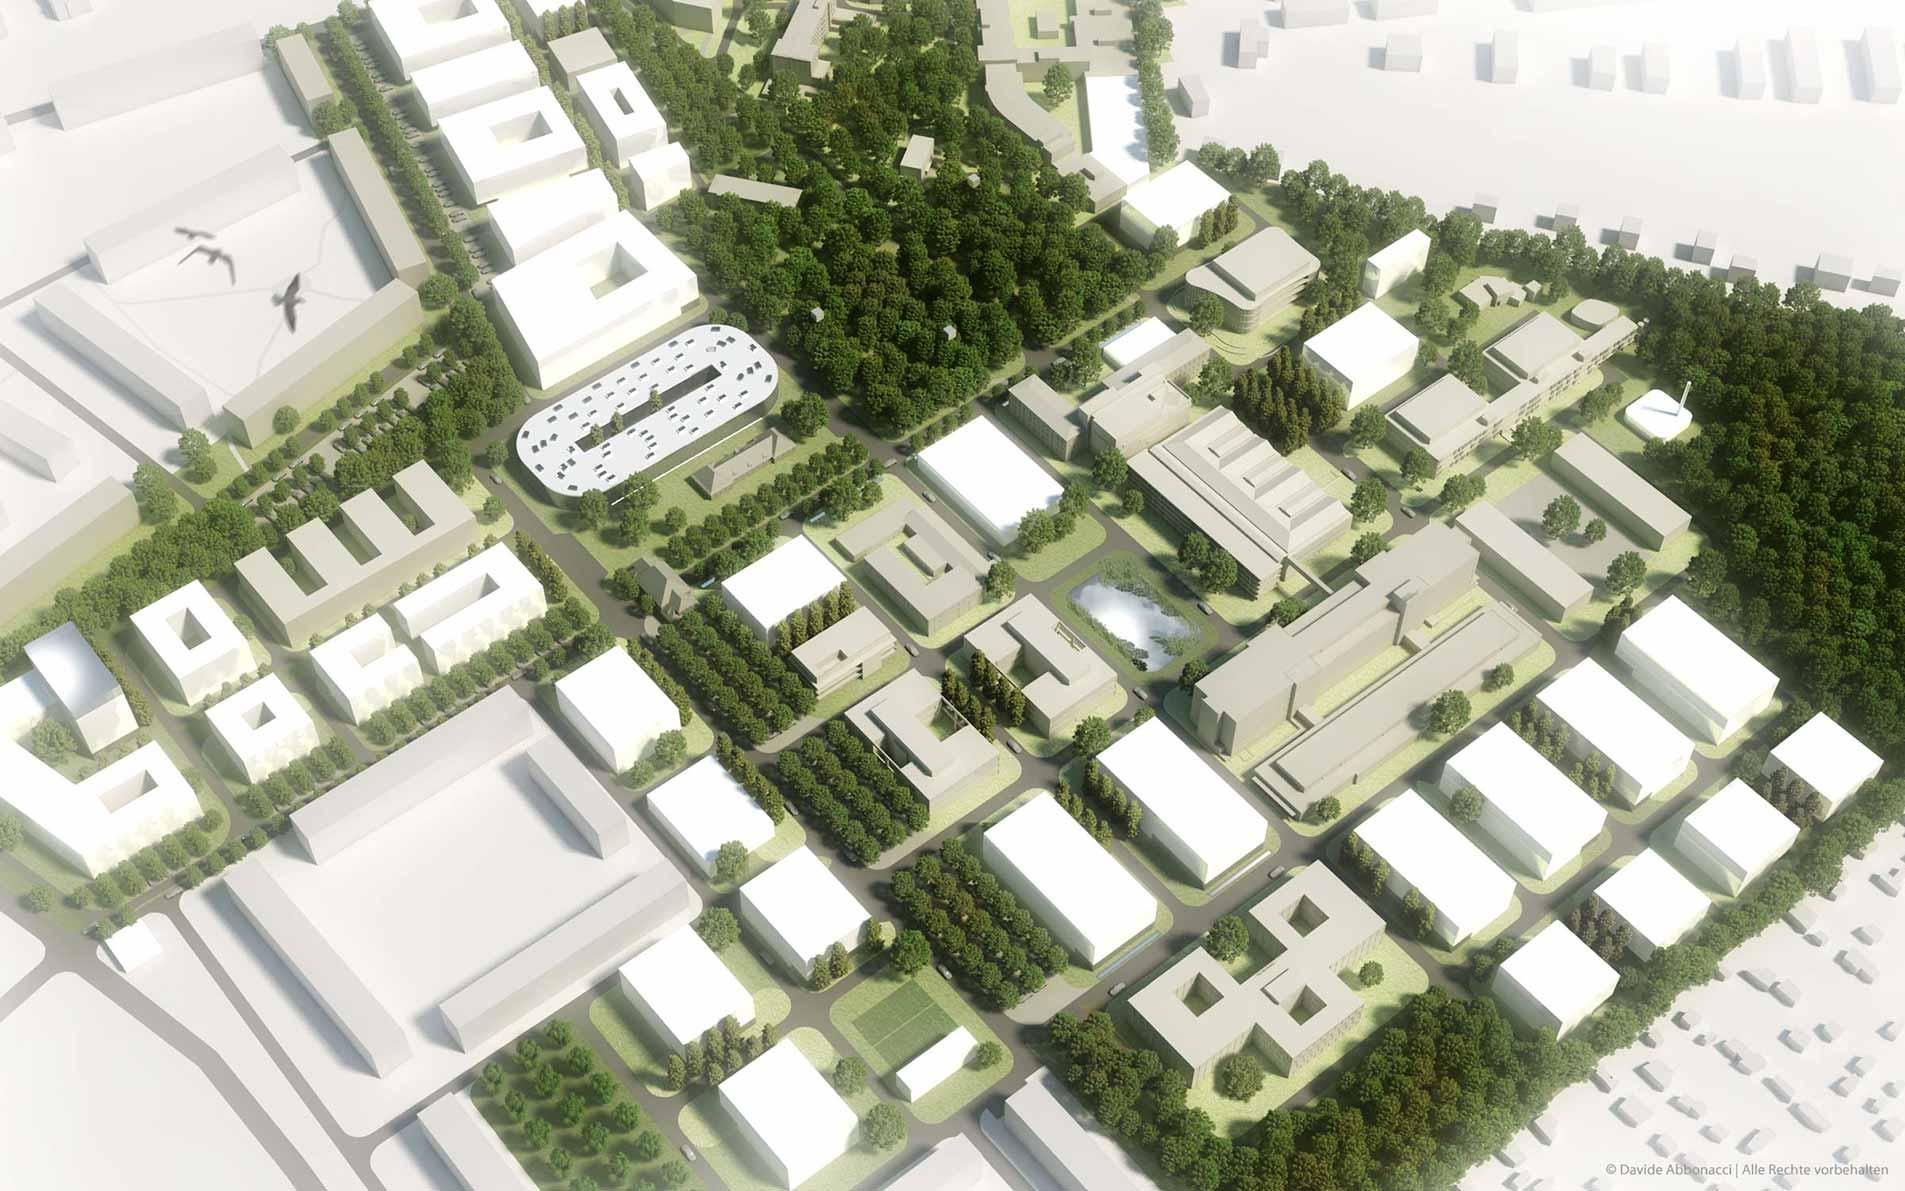 Campus Berlin-Buch, Berlin | Heide & Von Beckerath Architekten | 2010 Wettbewerbsvisualisierung | 2. Preis